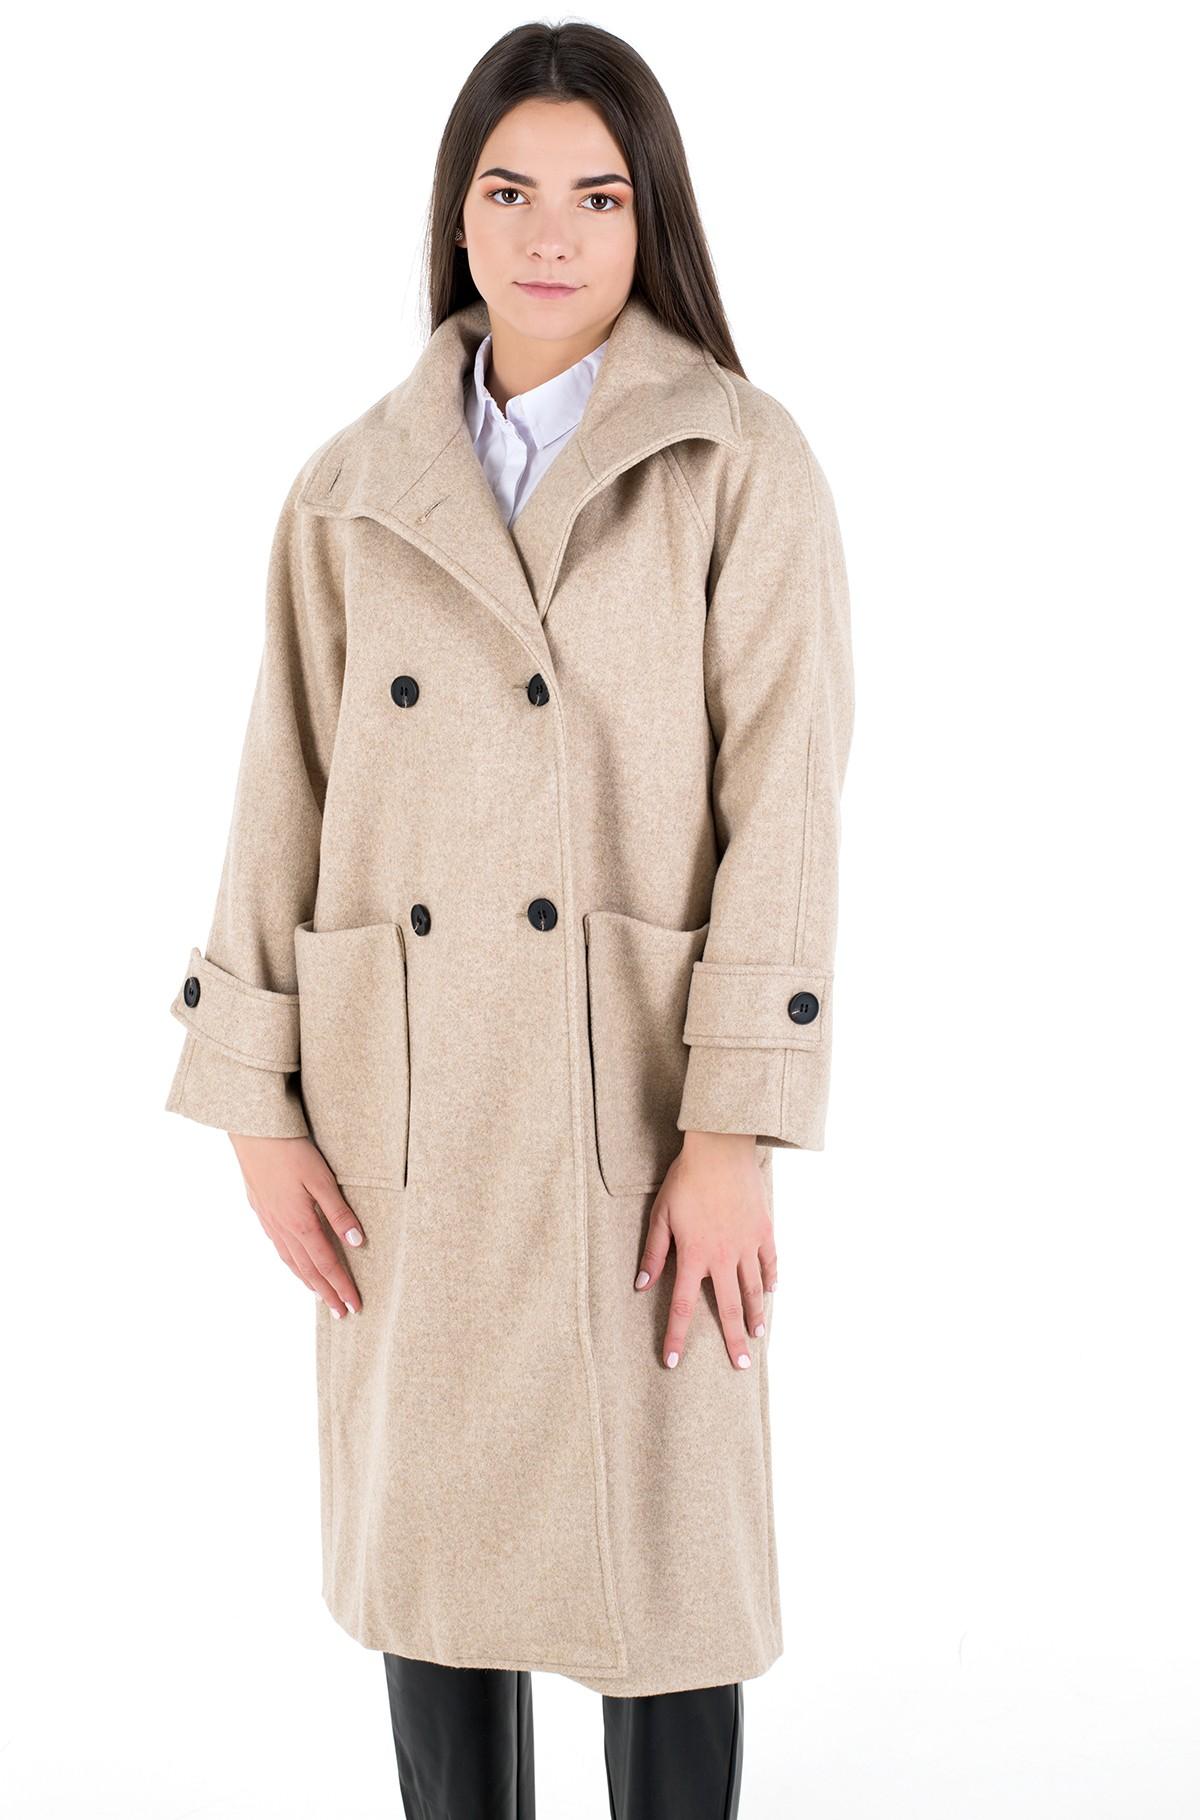 Coat P1575H20-full-1